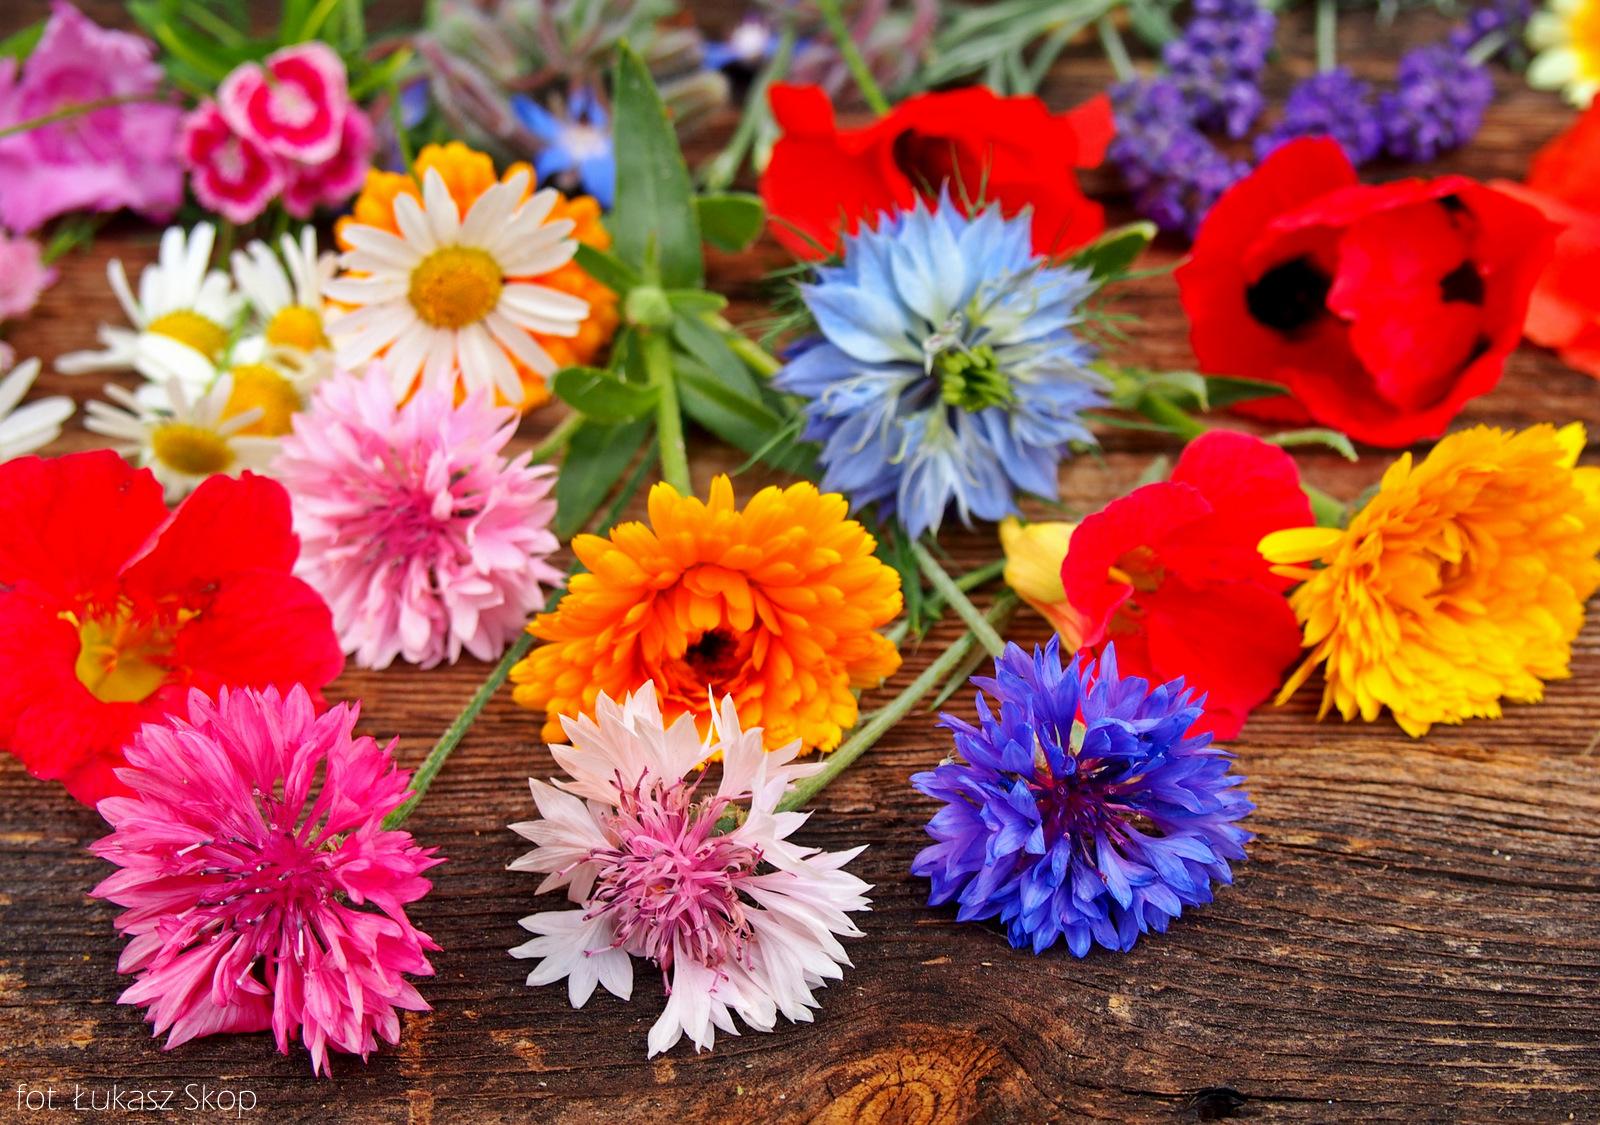 Letnie Kwiaty Jadalne Bez Ogrodek Blog Ogrodniczy